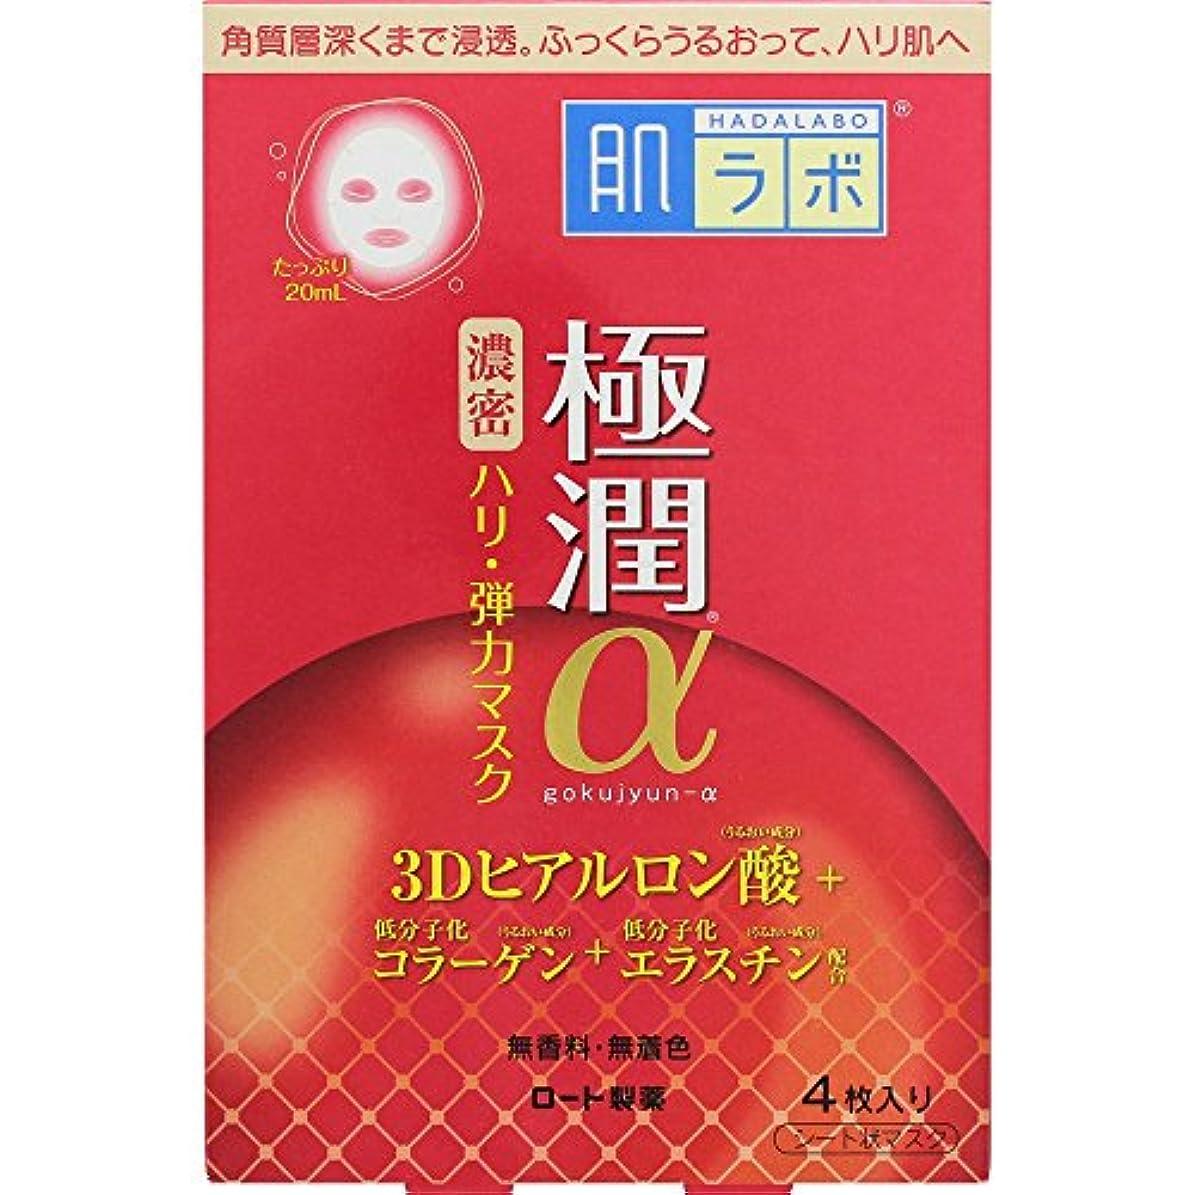 ゆりかご好きである毎週肌ラボ 極潤α スペシャルハリマスク 3Dヒアルロン酸×低分子化コラーゲン×低分子化エラスチン配合 4枚